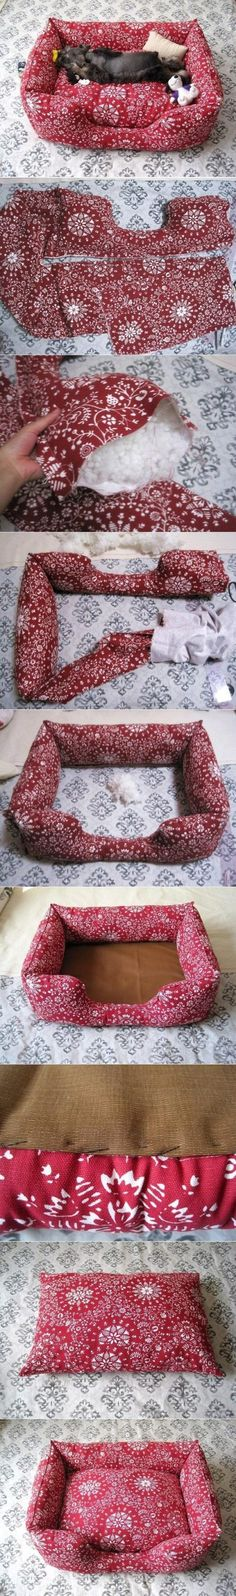 DIY Pet Pillow Bed